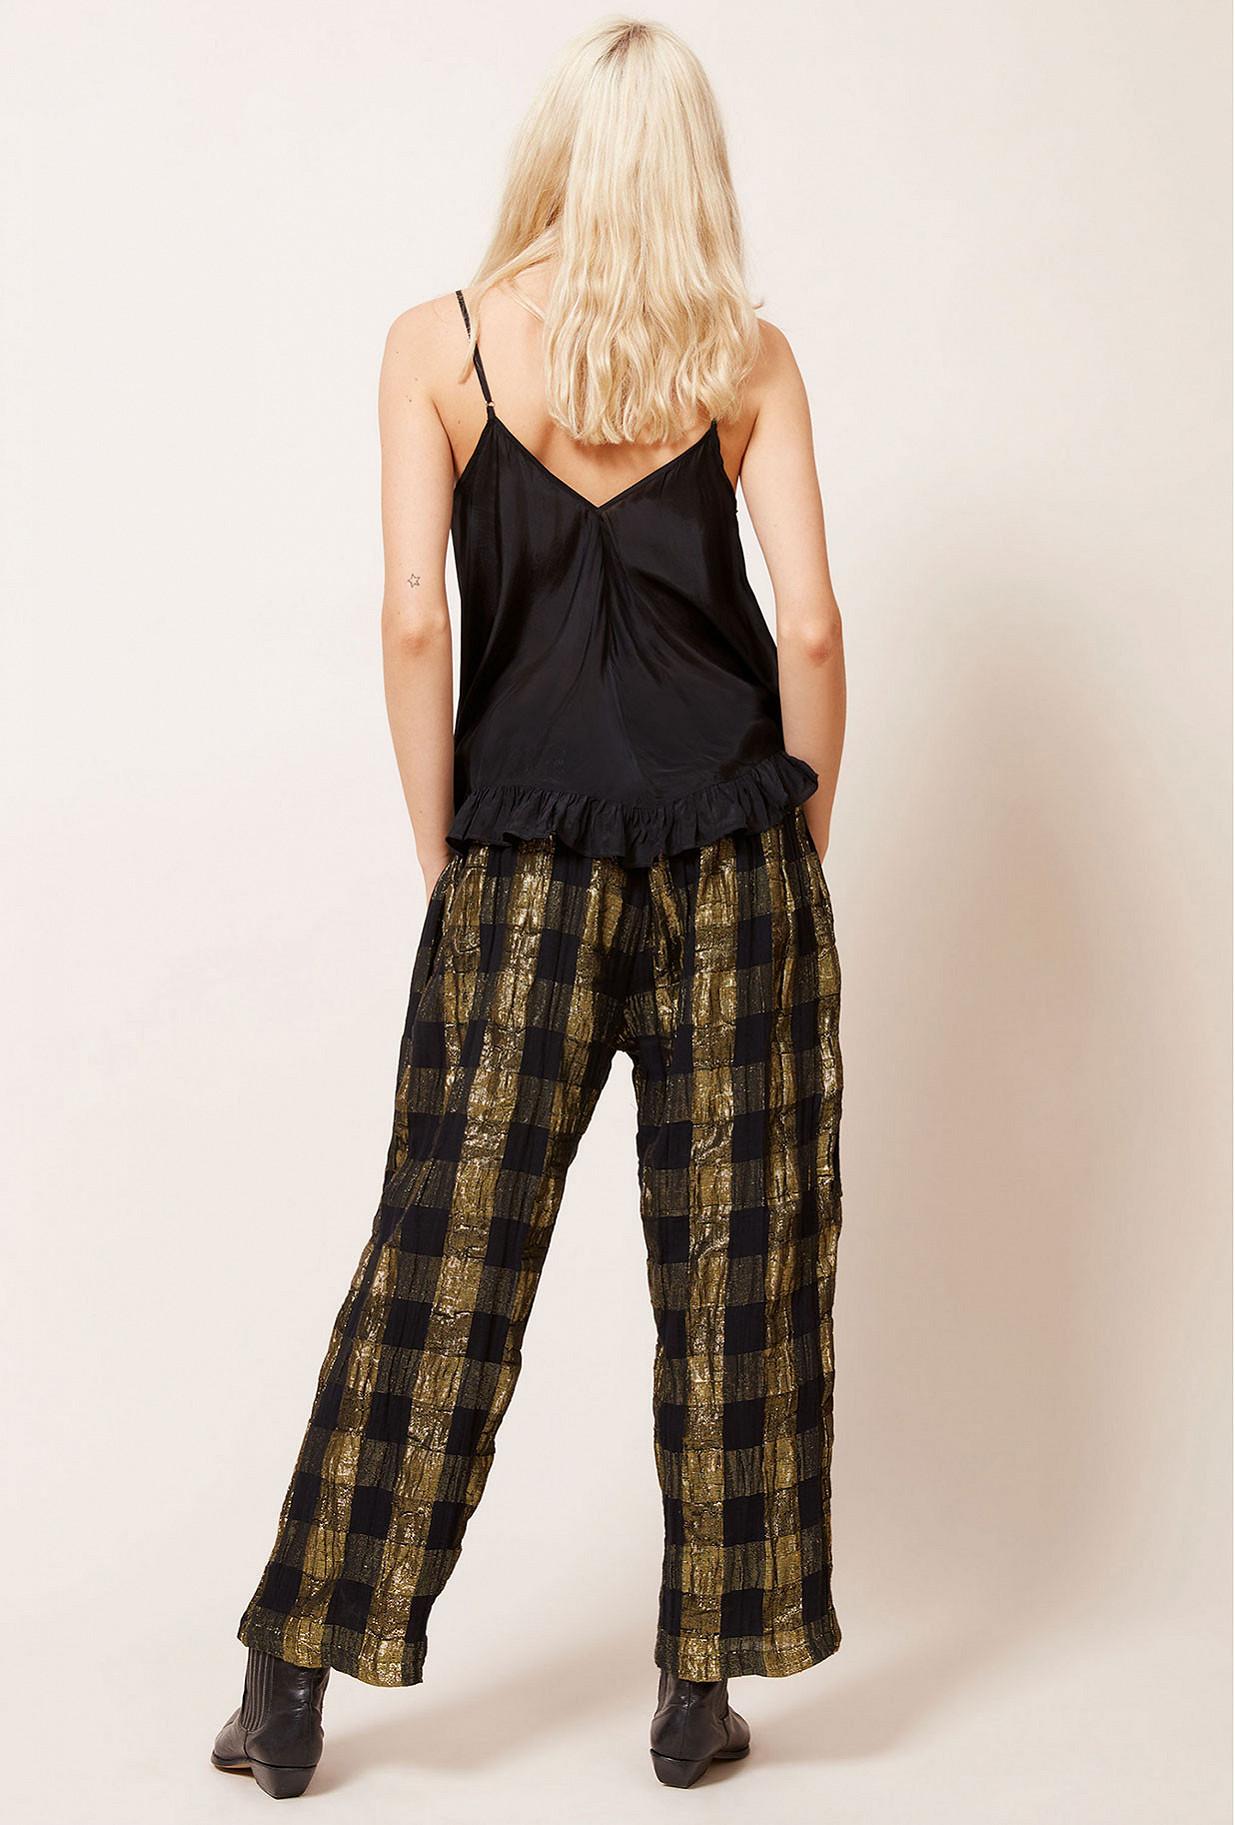 Black  Pant  Majeste Mes demoiselles fashion clothes designer Paris